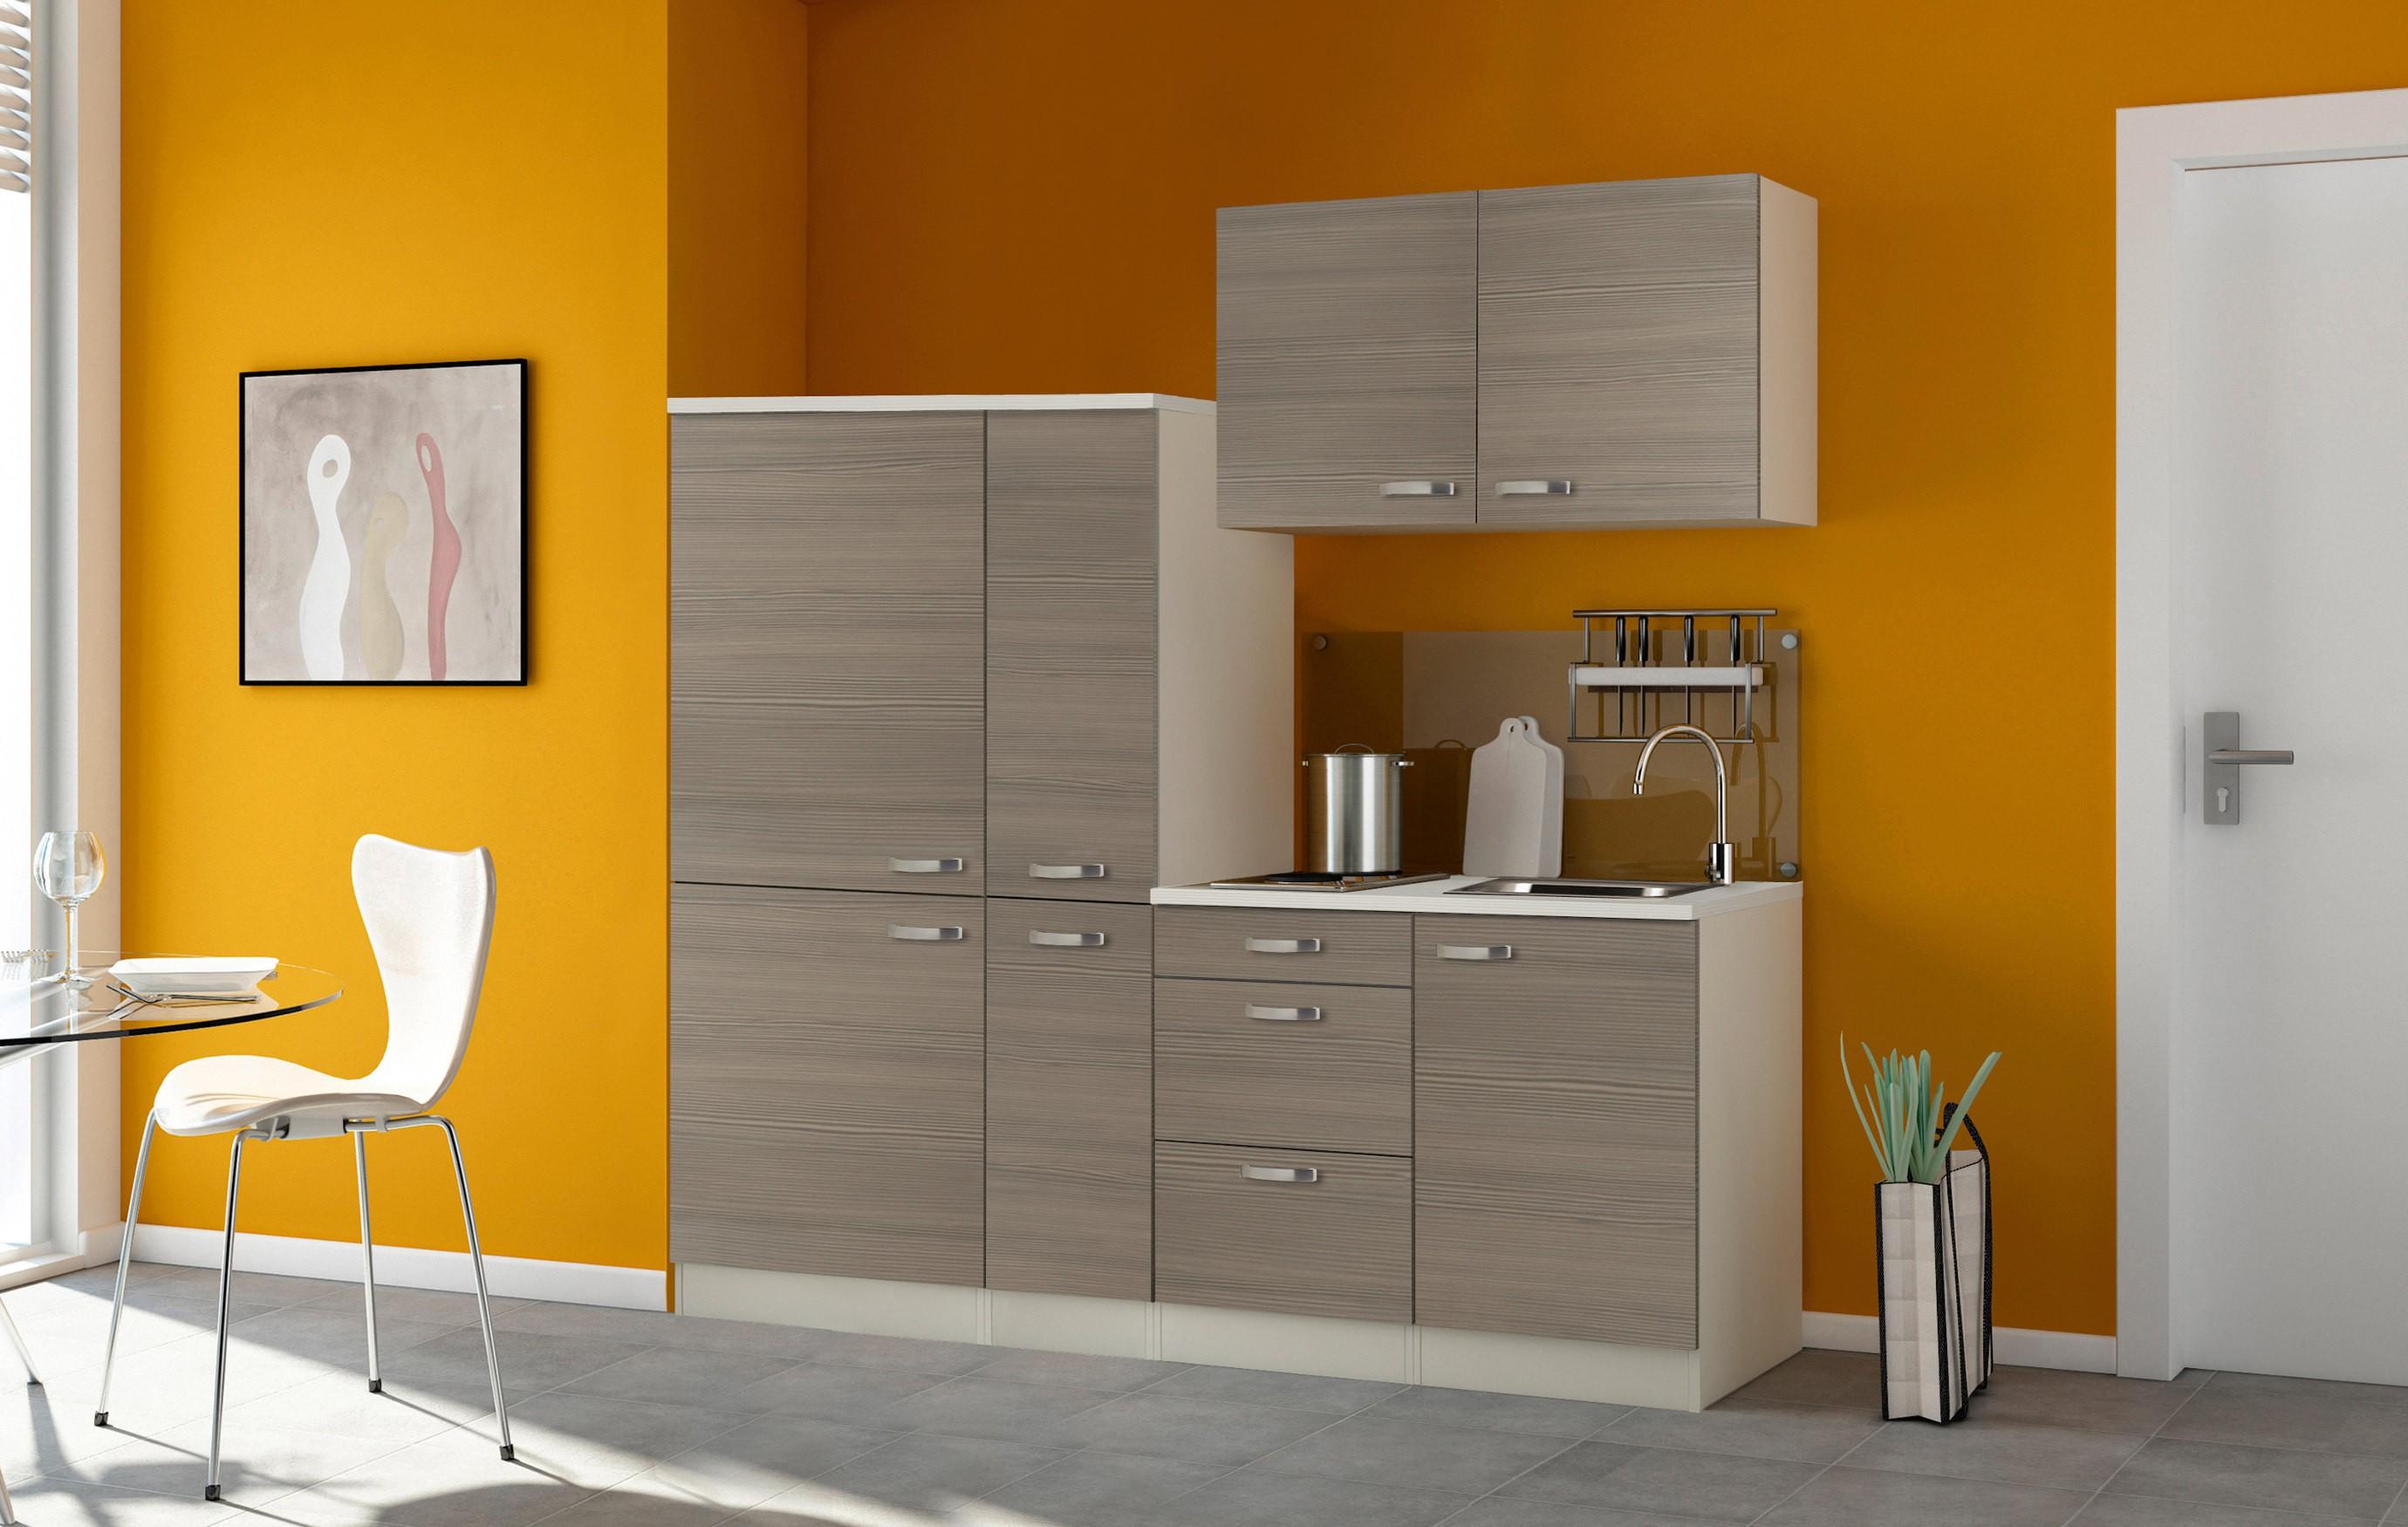 k che toledo k chenzeile minik che mit k hlschrank und. Black Bedroom Furniture Sets. Home Design Ideas